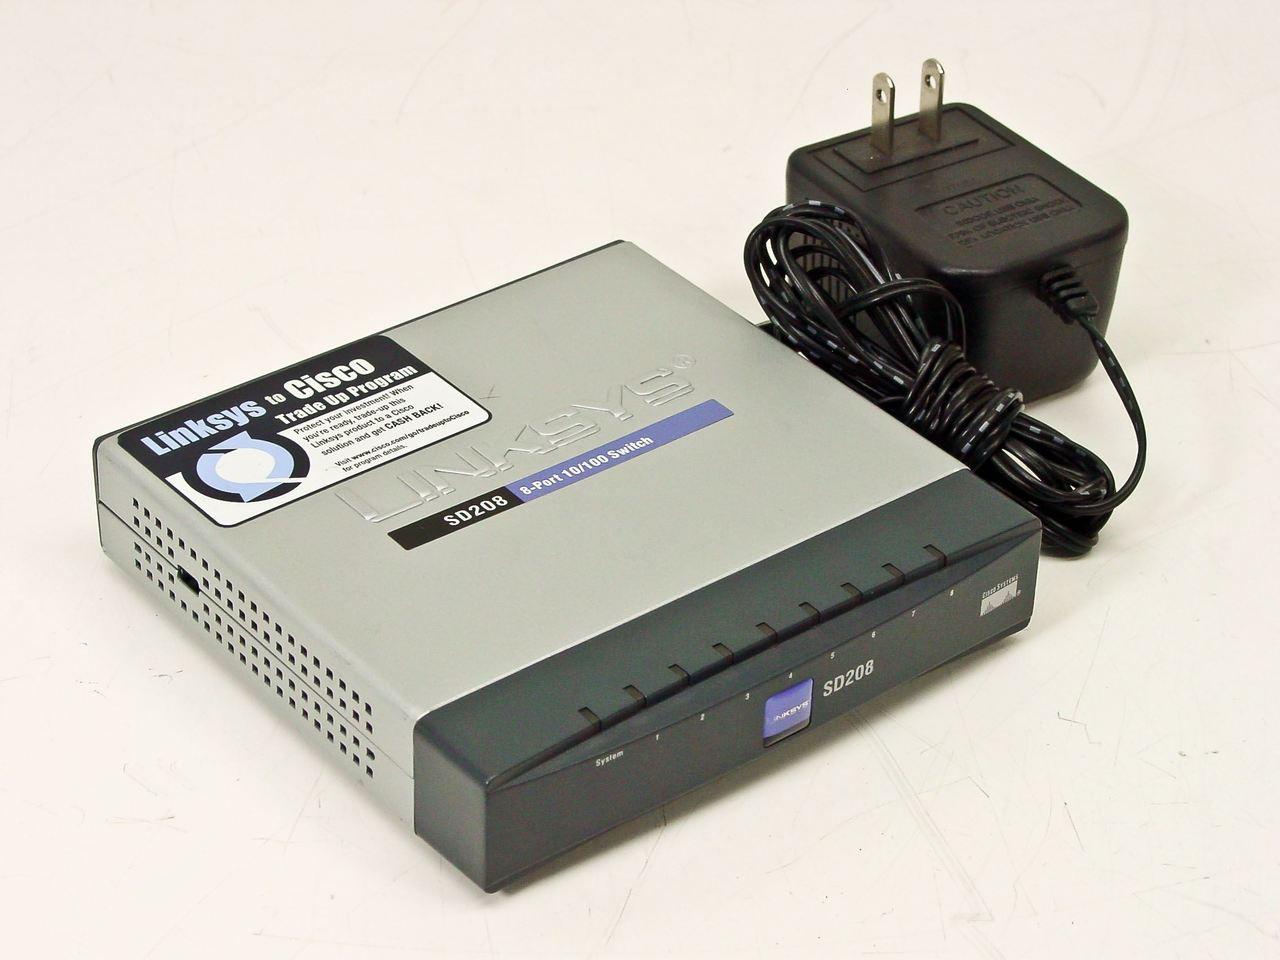 Linksys SD208 8 Port 10/100 Switch